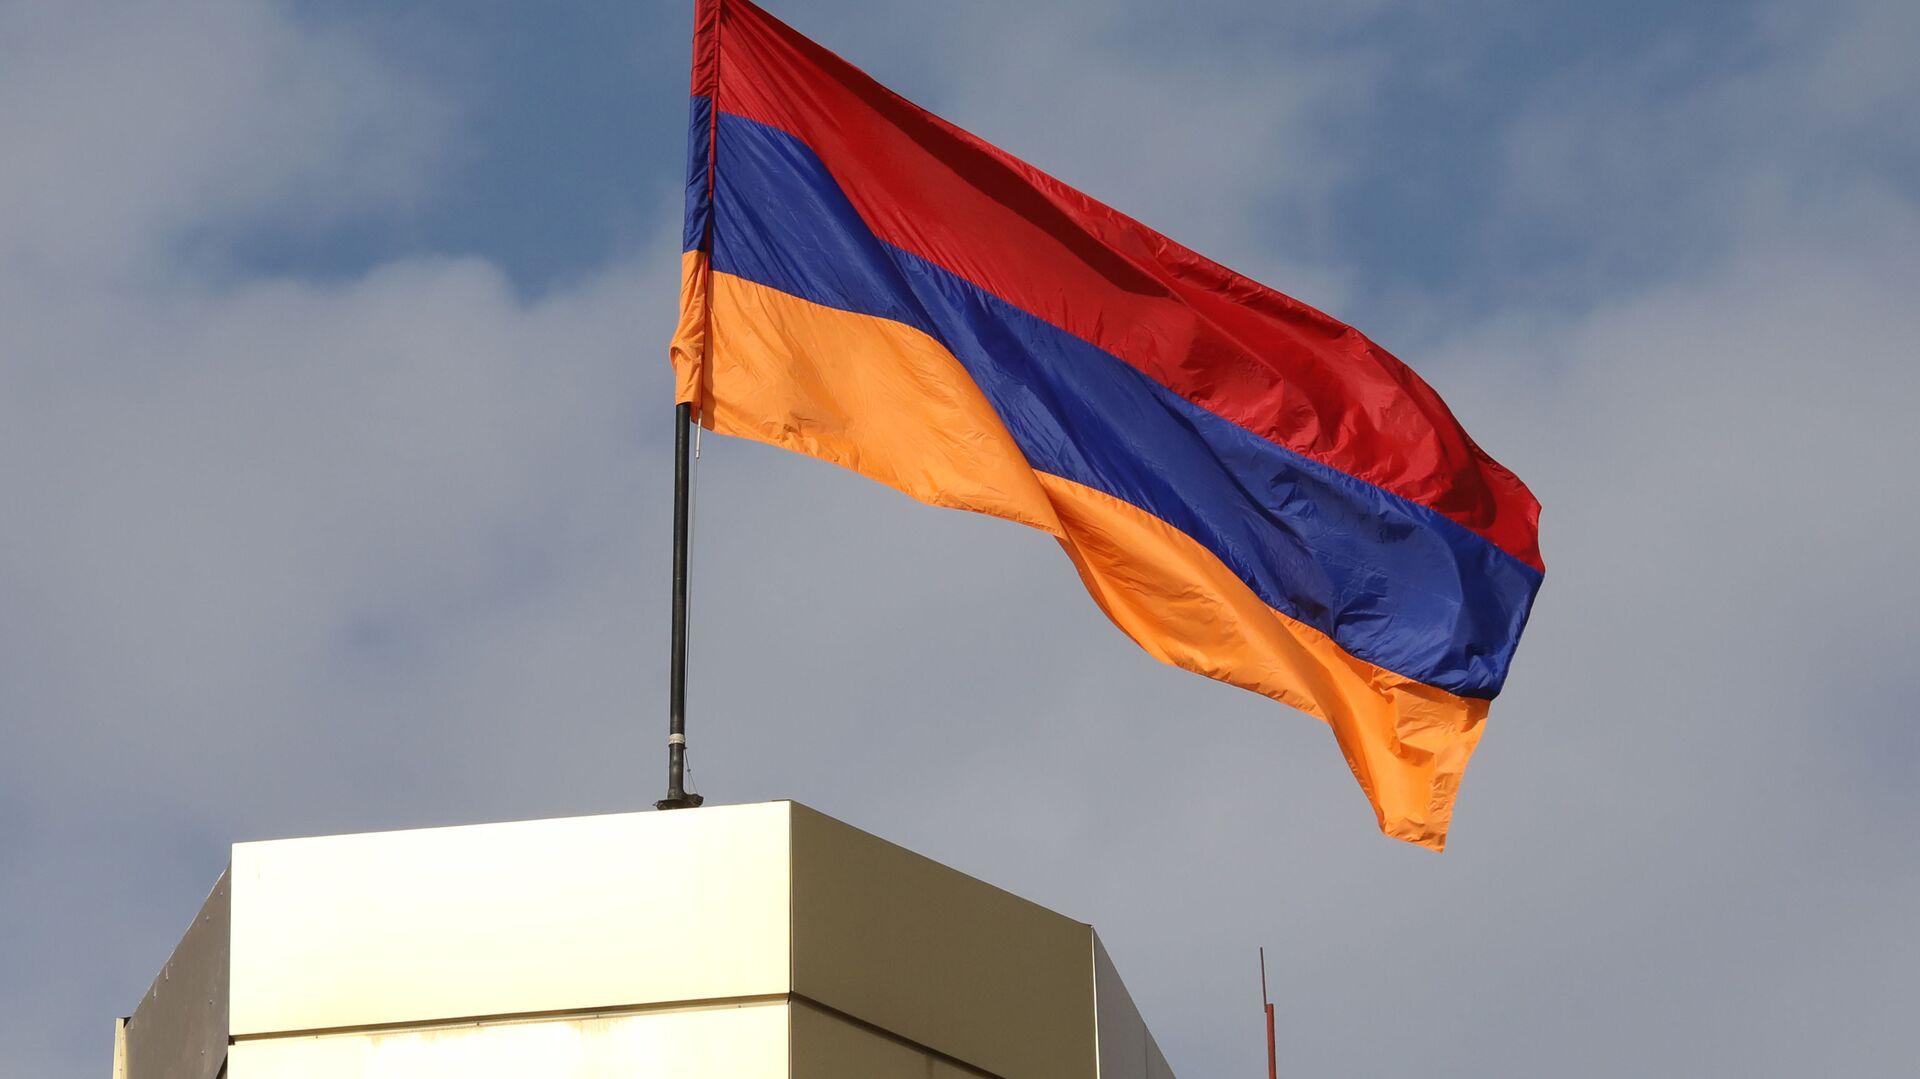 Ermenistan bayrak - Ermenistan bayrağı - Sputnik Türkiye, 1920, 20.09.2021